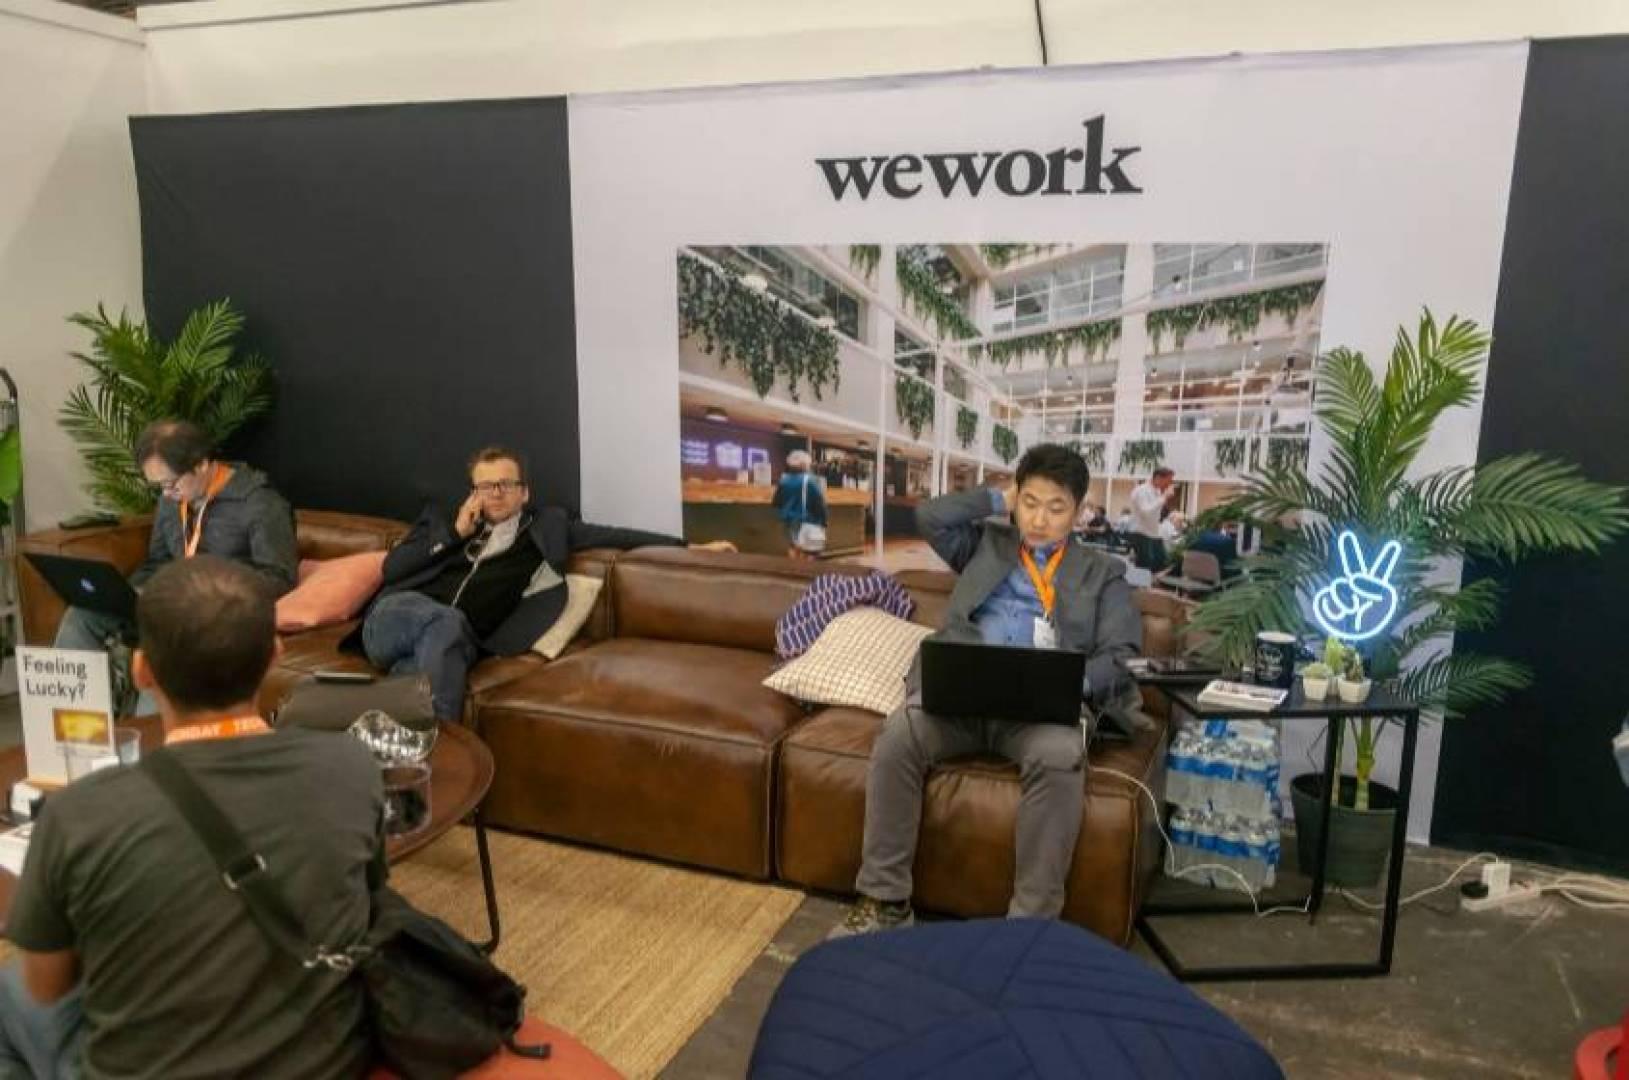 «WeWork» تتطلع إلى جمع أكثر من 3.5 مليار دولار